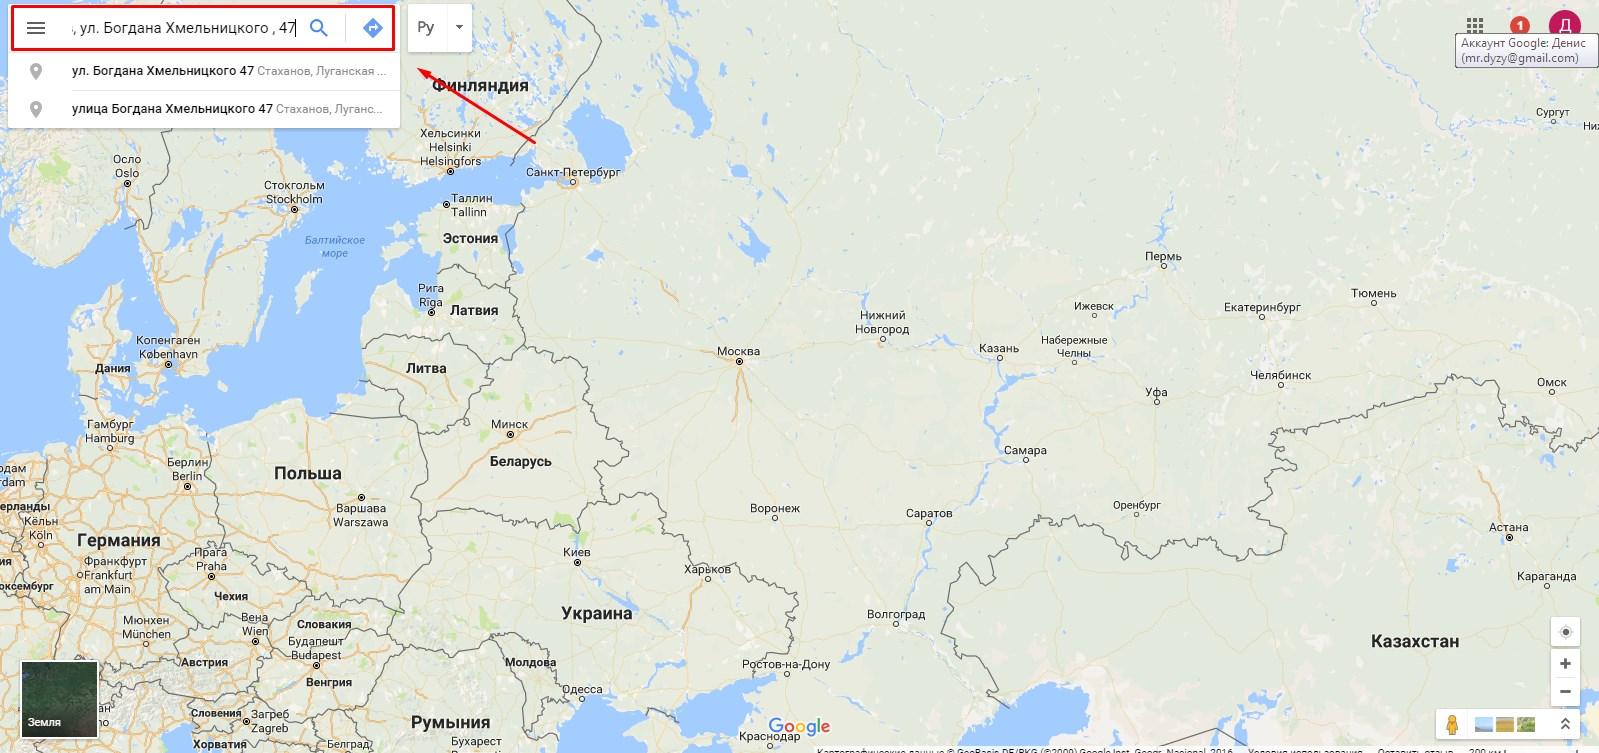 Поиск местоположения в Google Maps